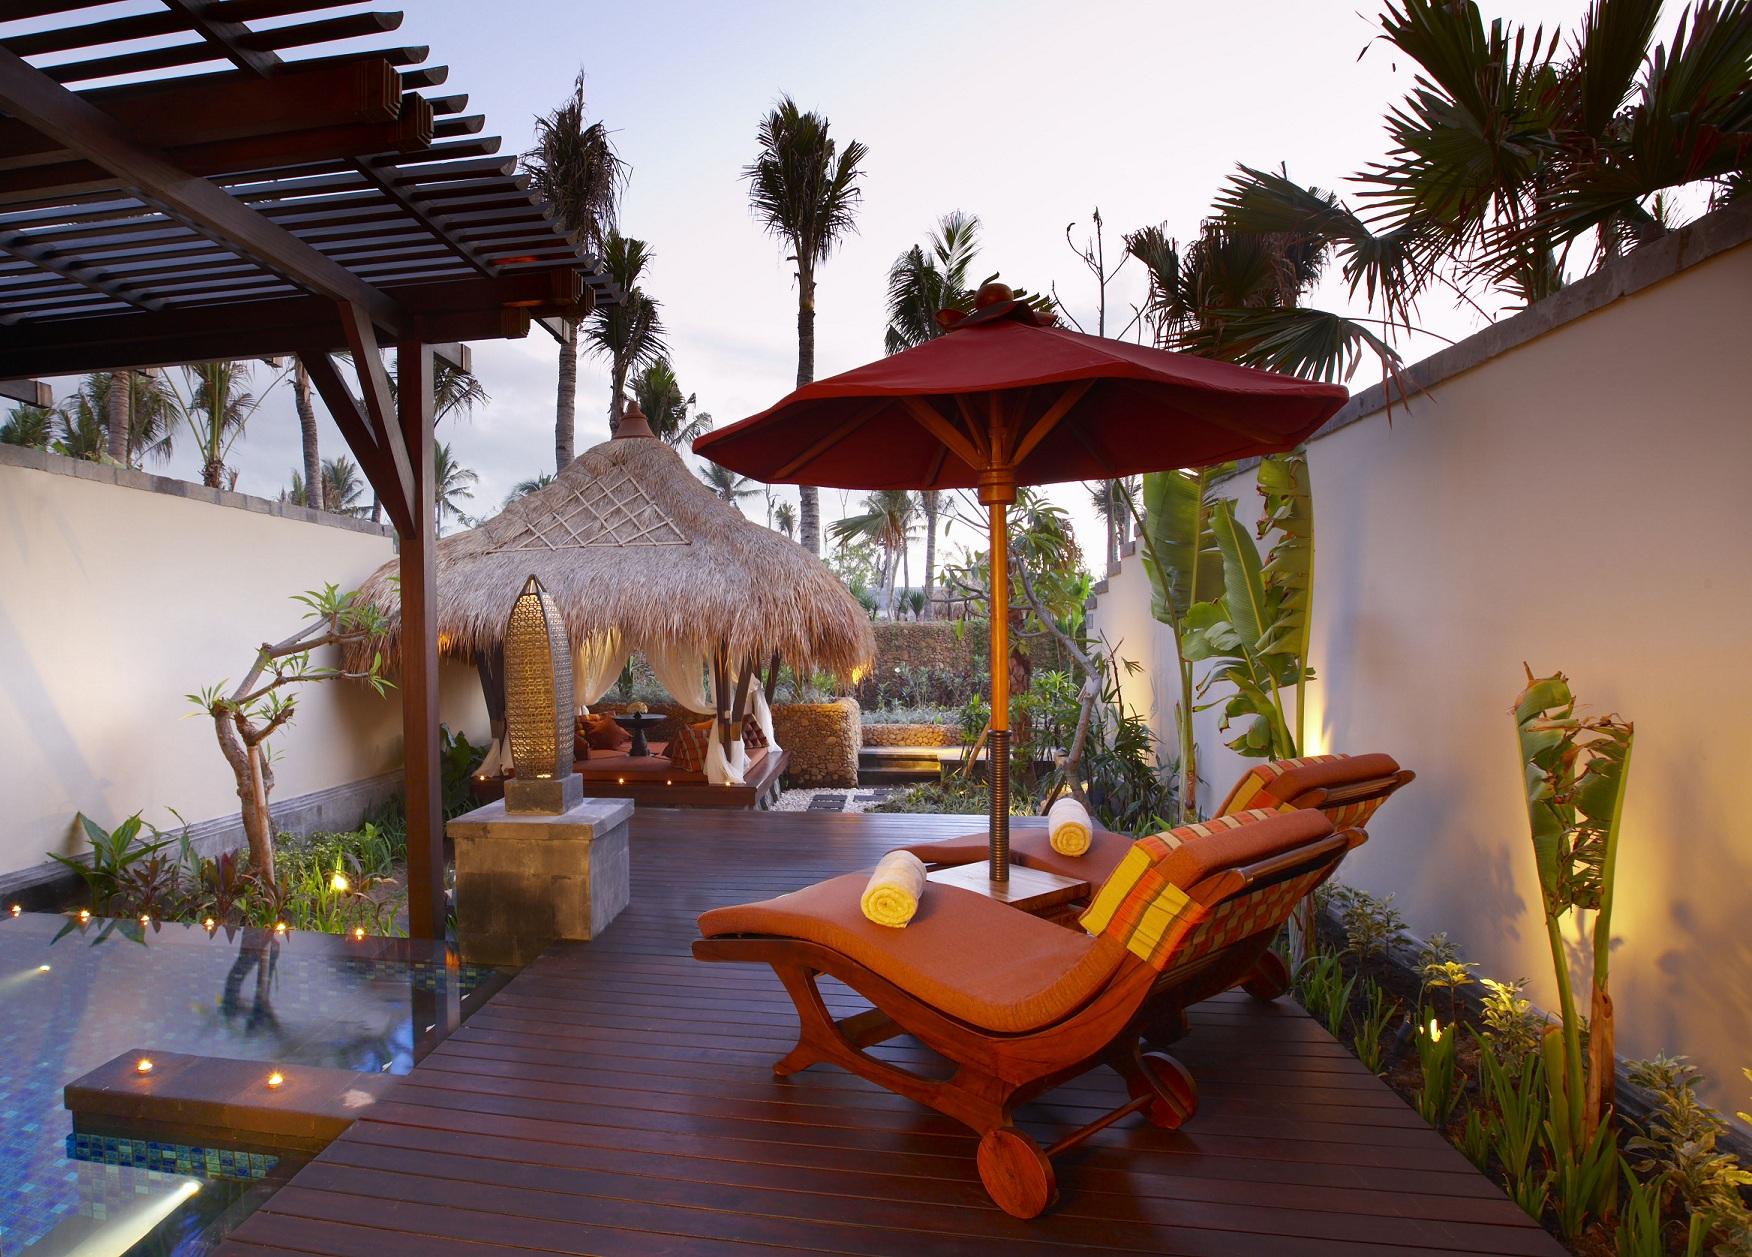 St_Regis_Bali_08.jpg